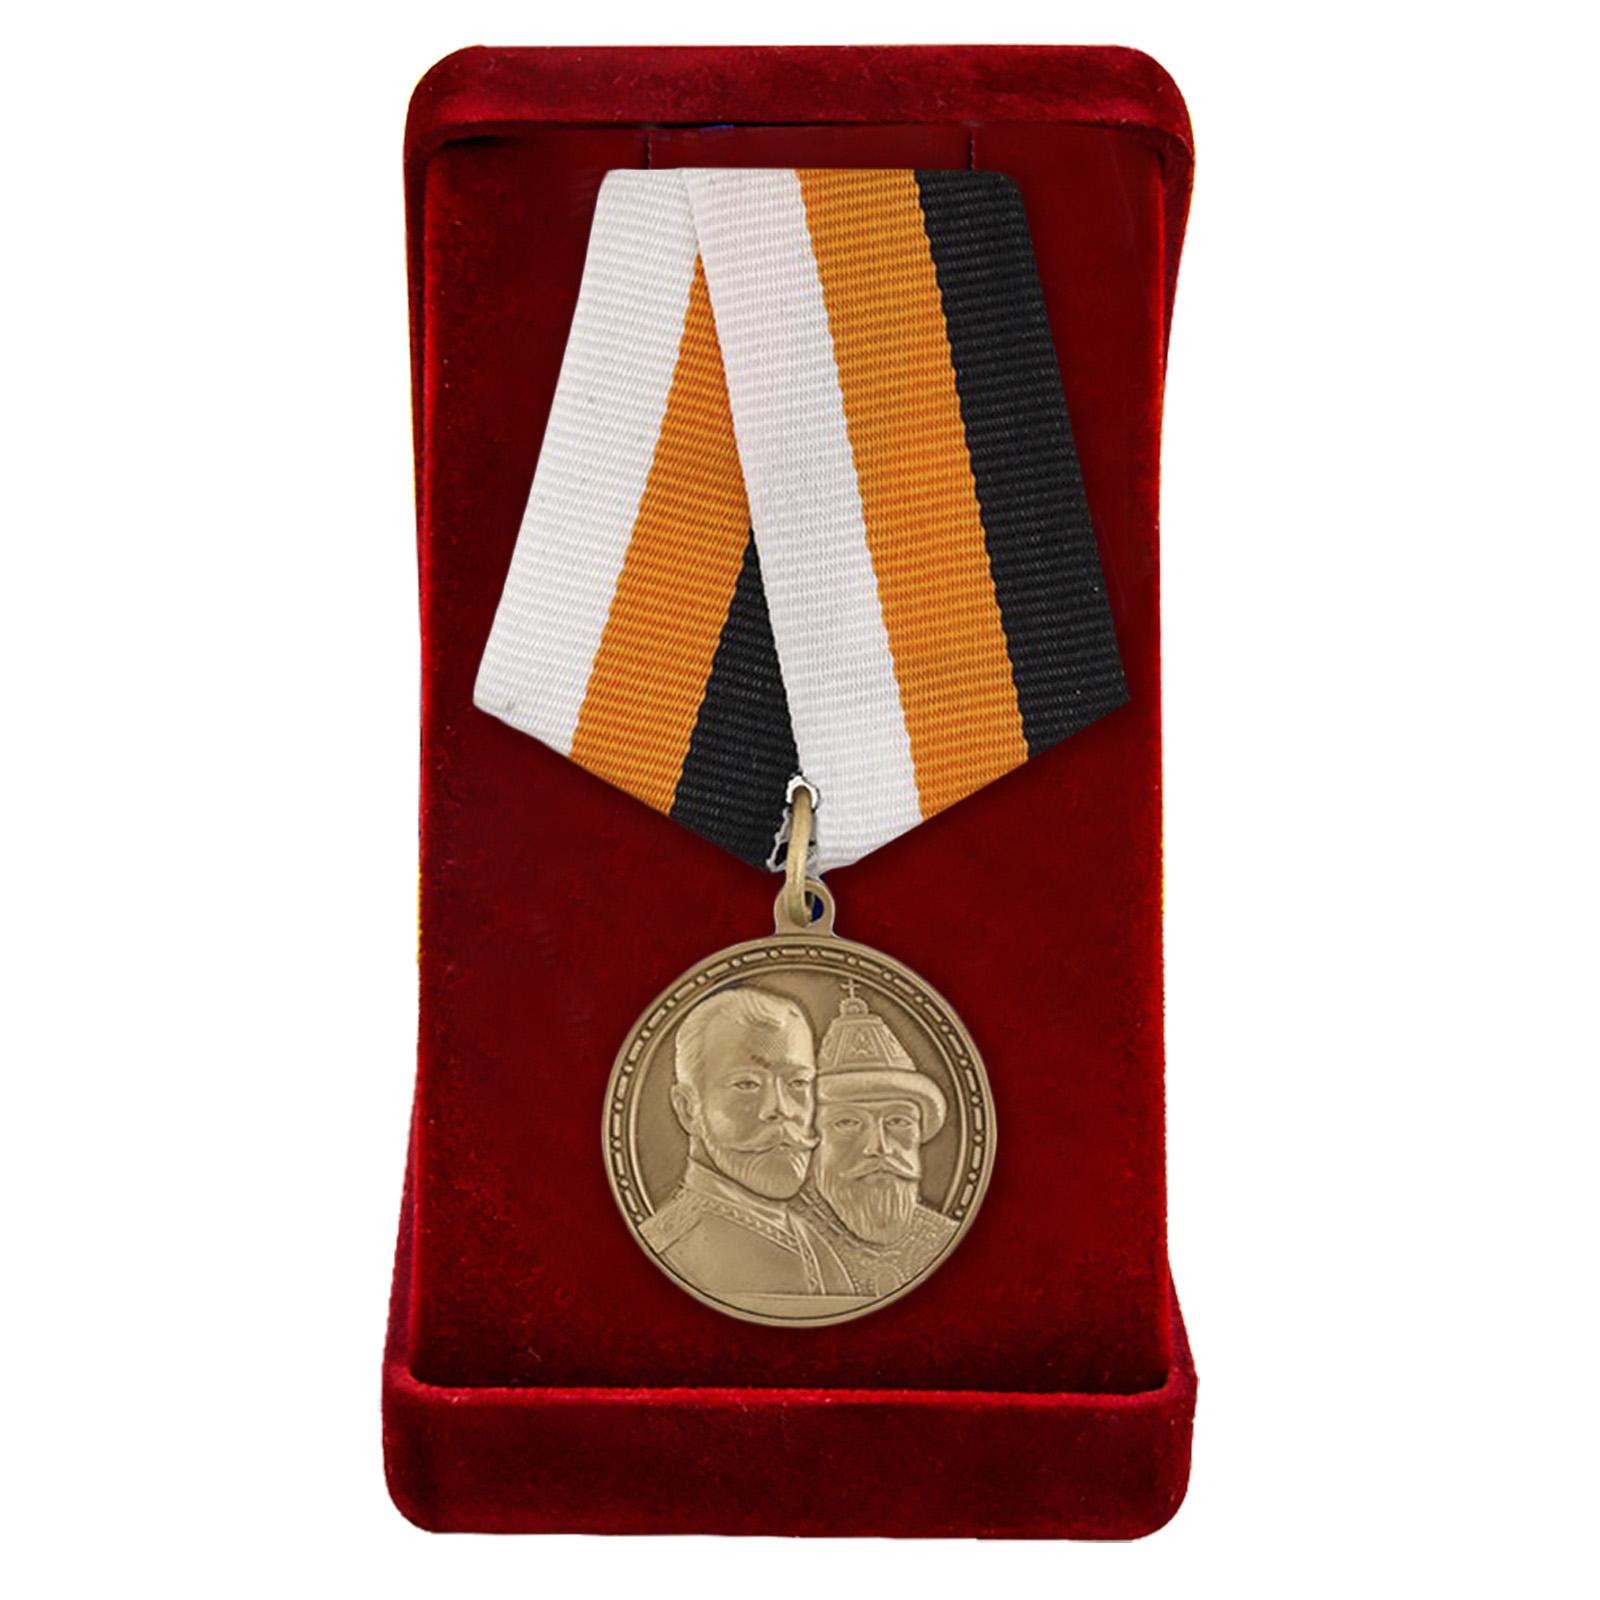 Купить памятную медаль В память 300-летия царствования дома Романовых с доставкой